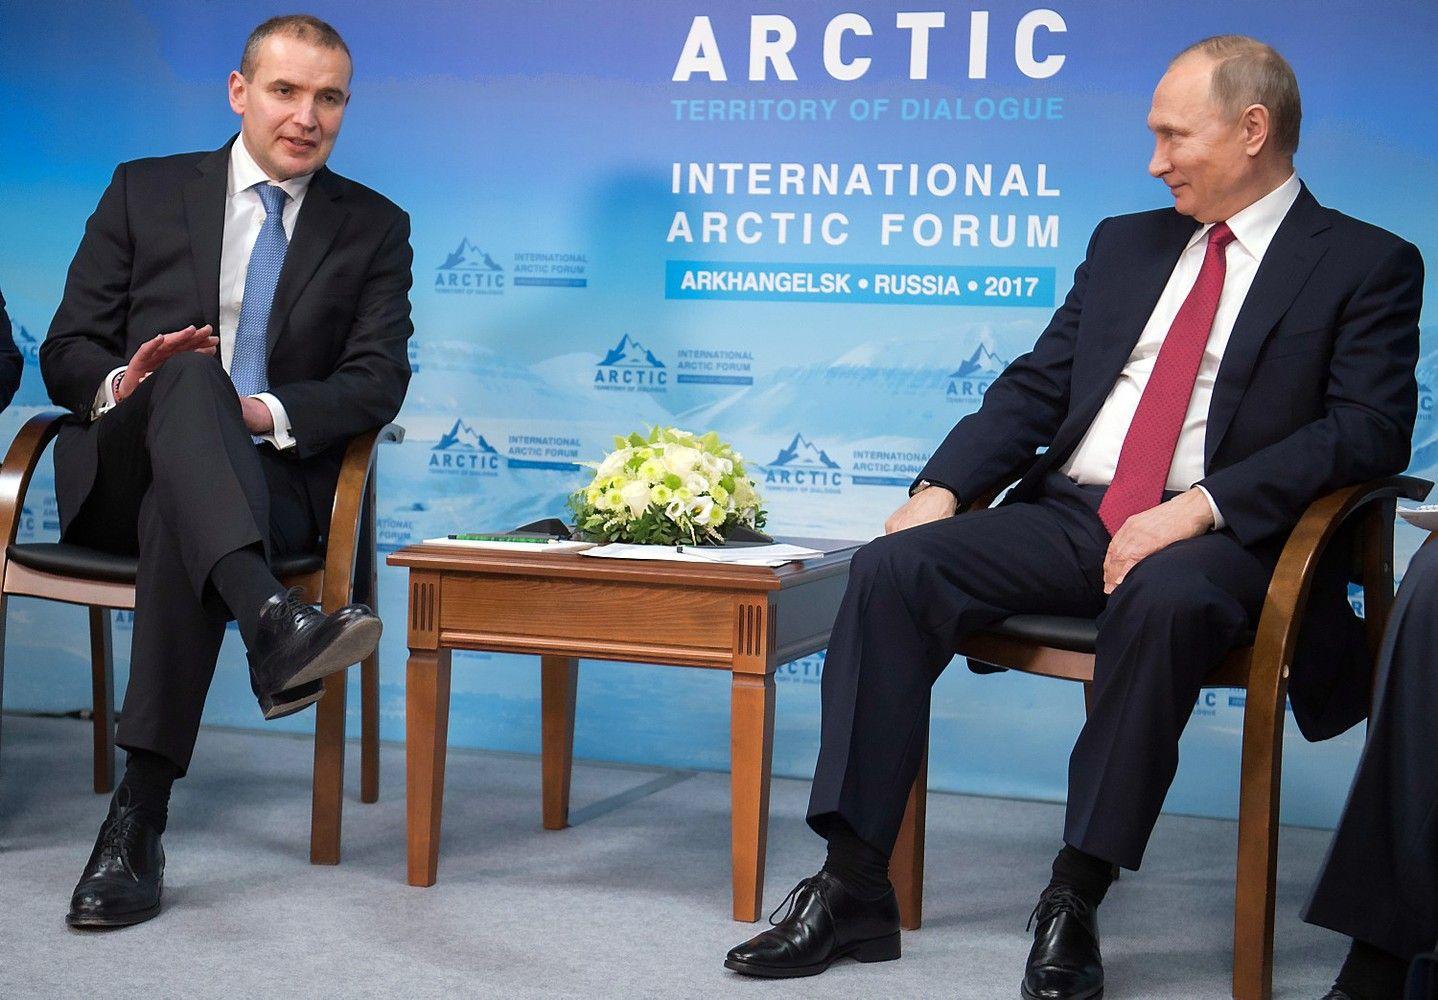 Putinas yra pasiryžęs susitikti su Trumpu Suomijoje